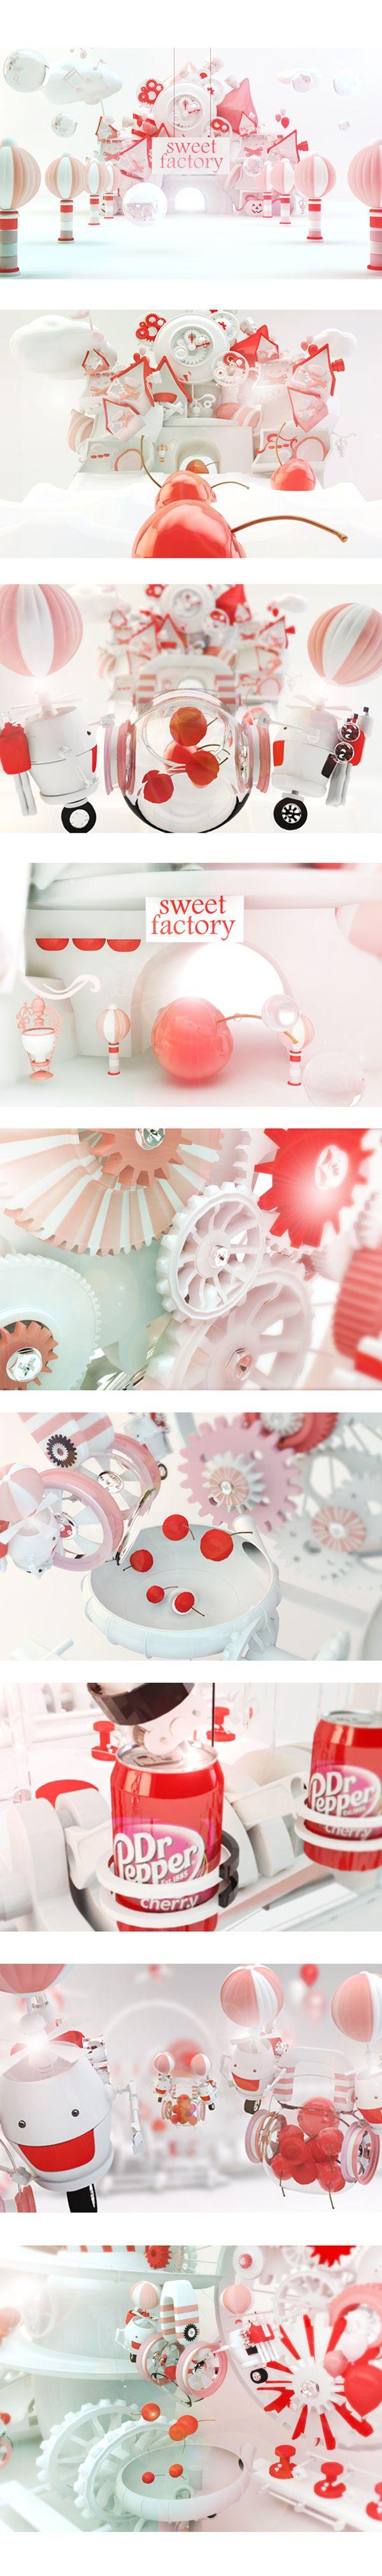 dr.pepper by aram kwak, via Behance - 3D Typography Design Modelling